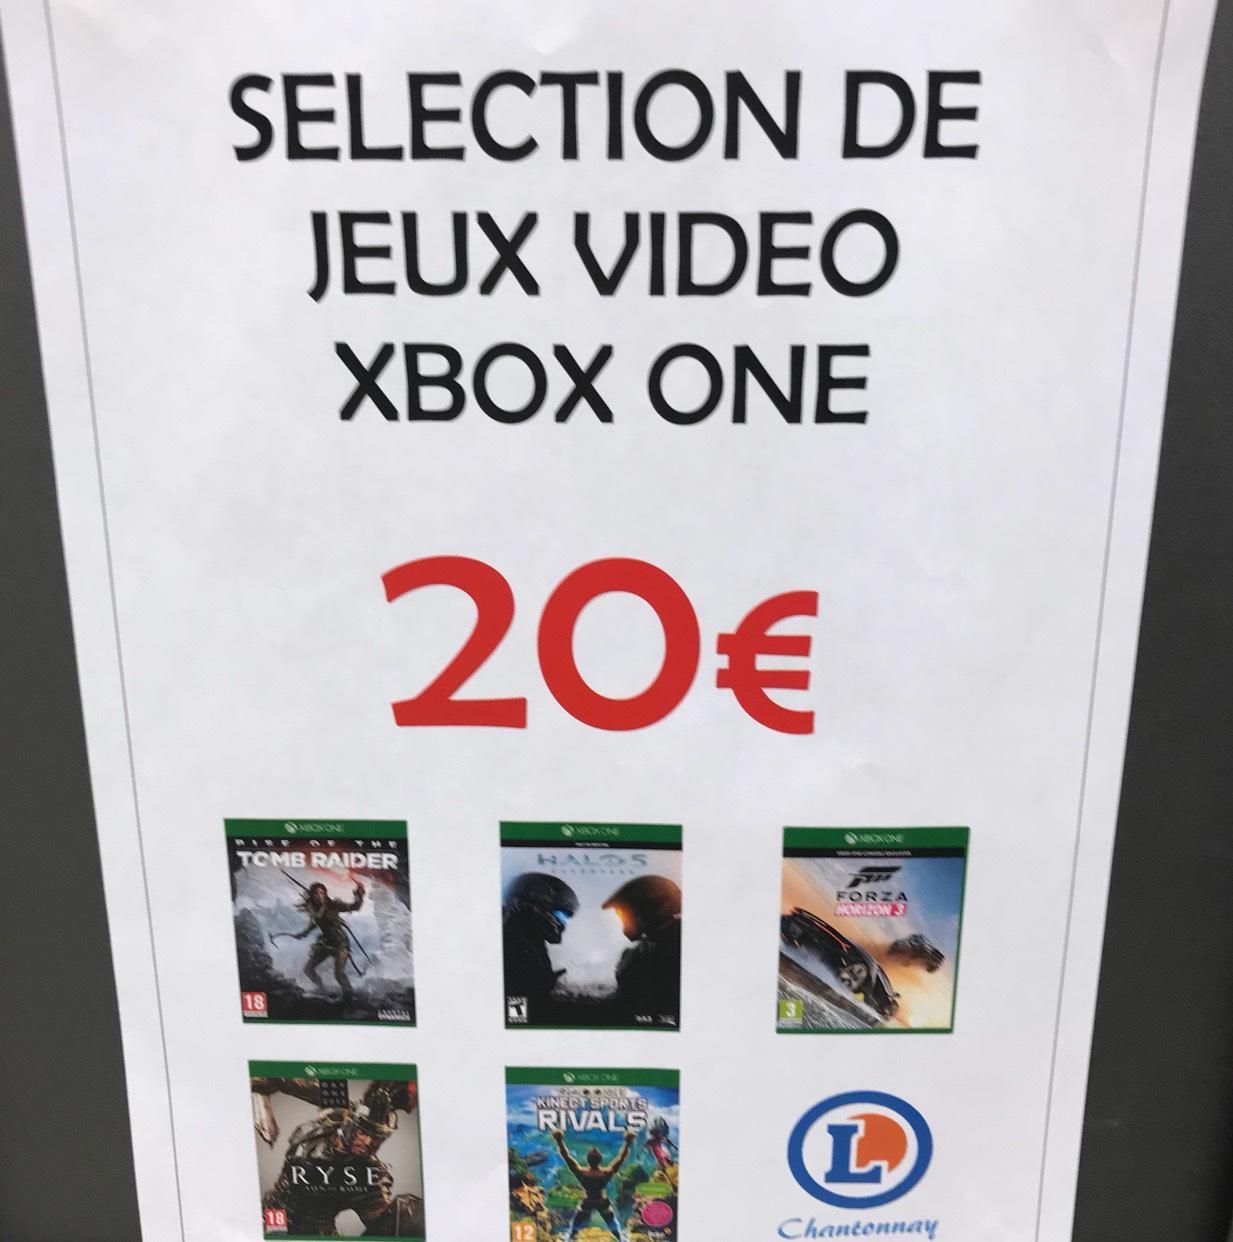 Sélection de Jeux Xbox One à 20€ - Ex : forza horizon 3 sur Xbox One - Leclerc chantonnay (85)